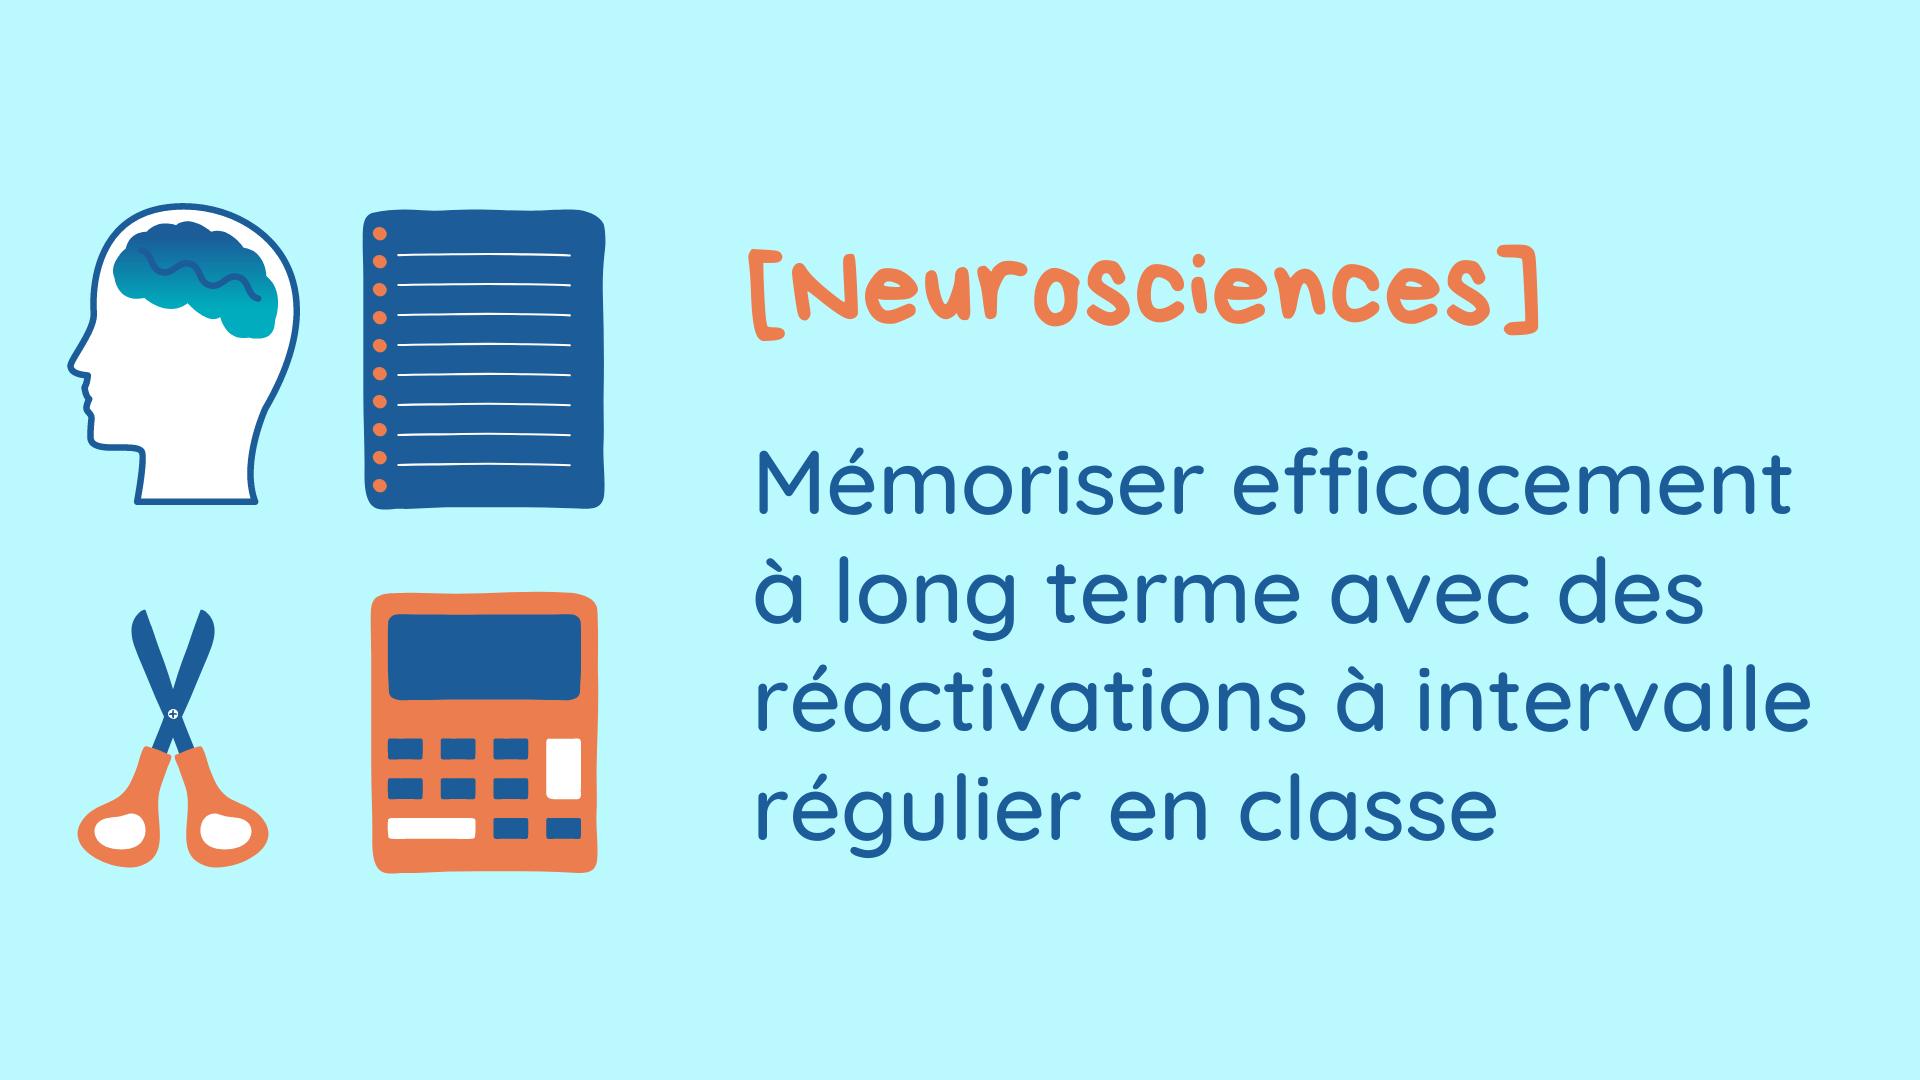 neurosciences mémoire long terme